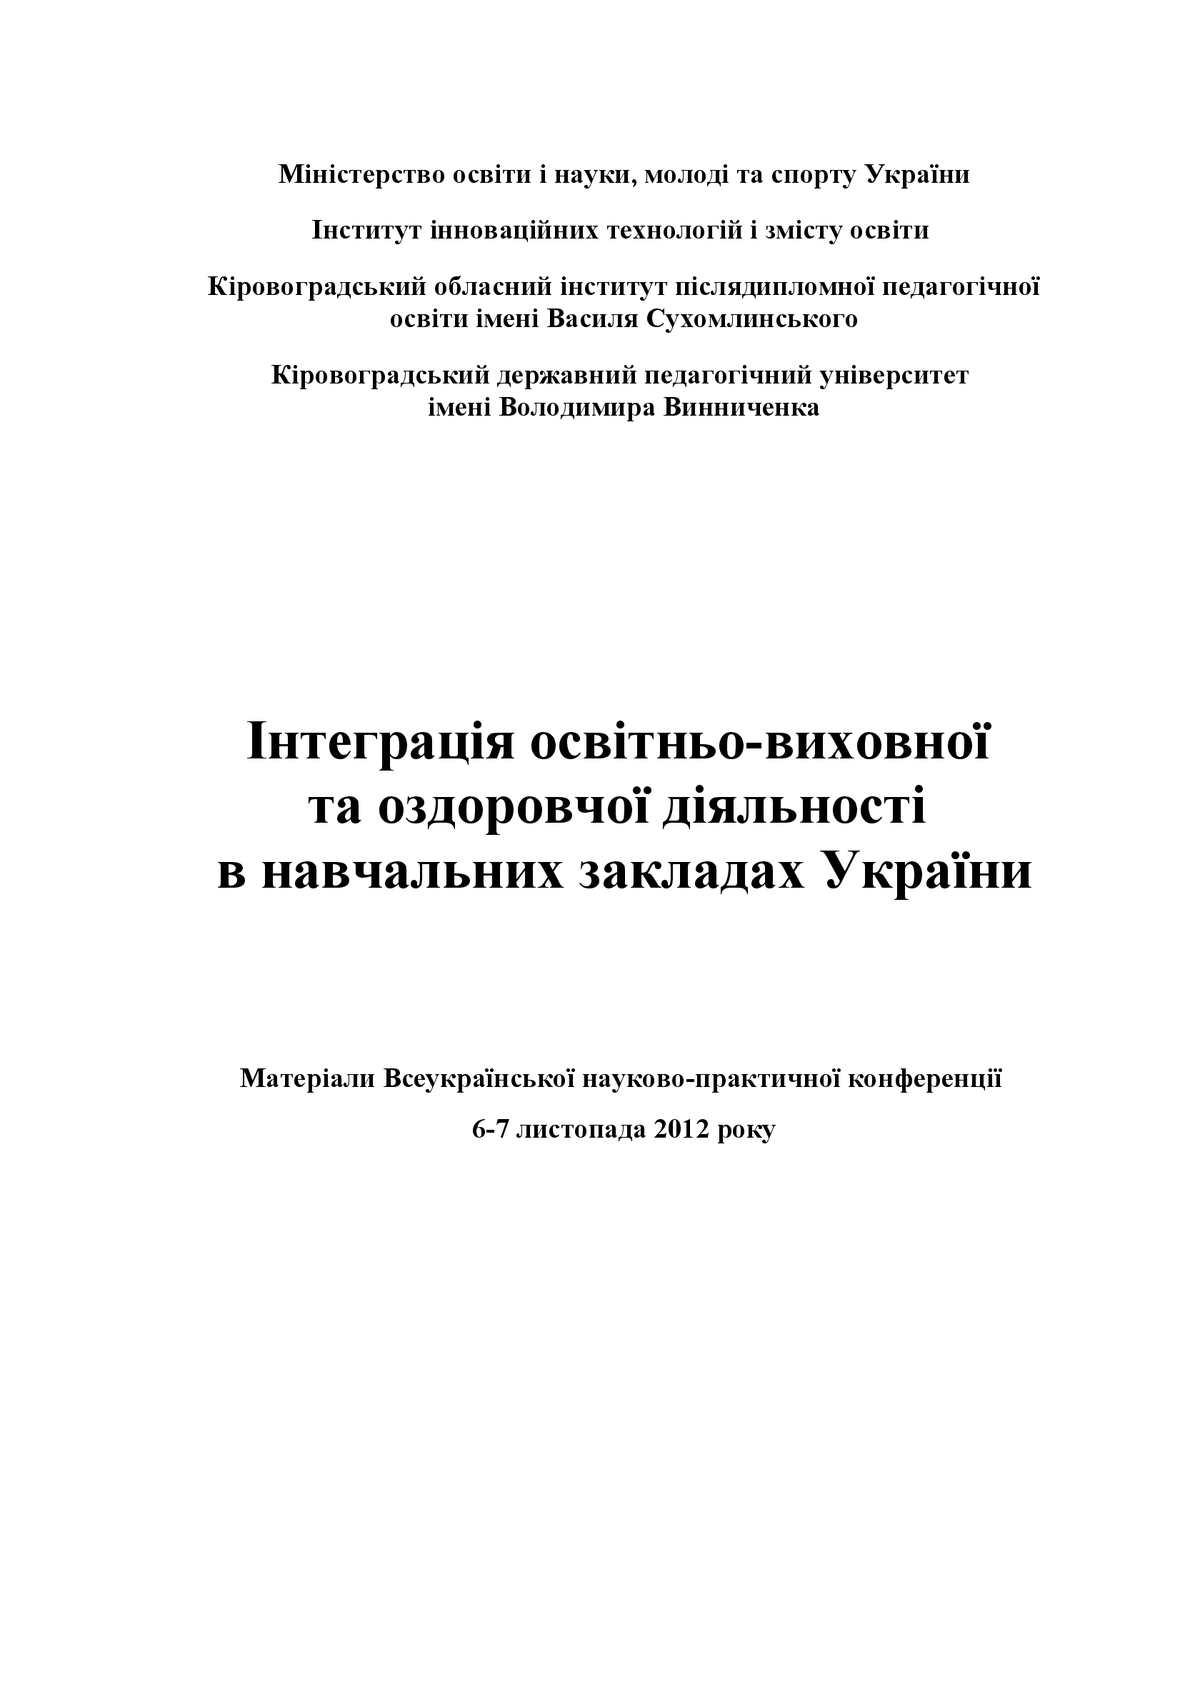 Calaméo - Інтеграція освітньо-виховної та оздоровчої діяльності в навчальних  закладах України 023cbbed15fbc